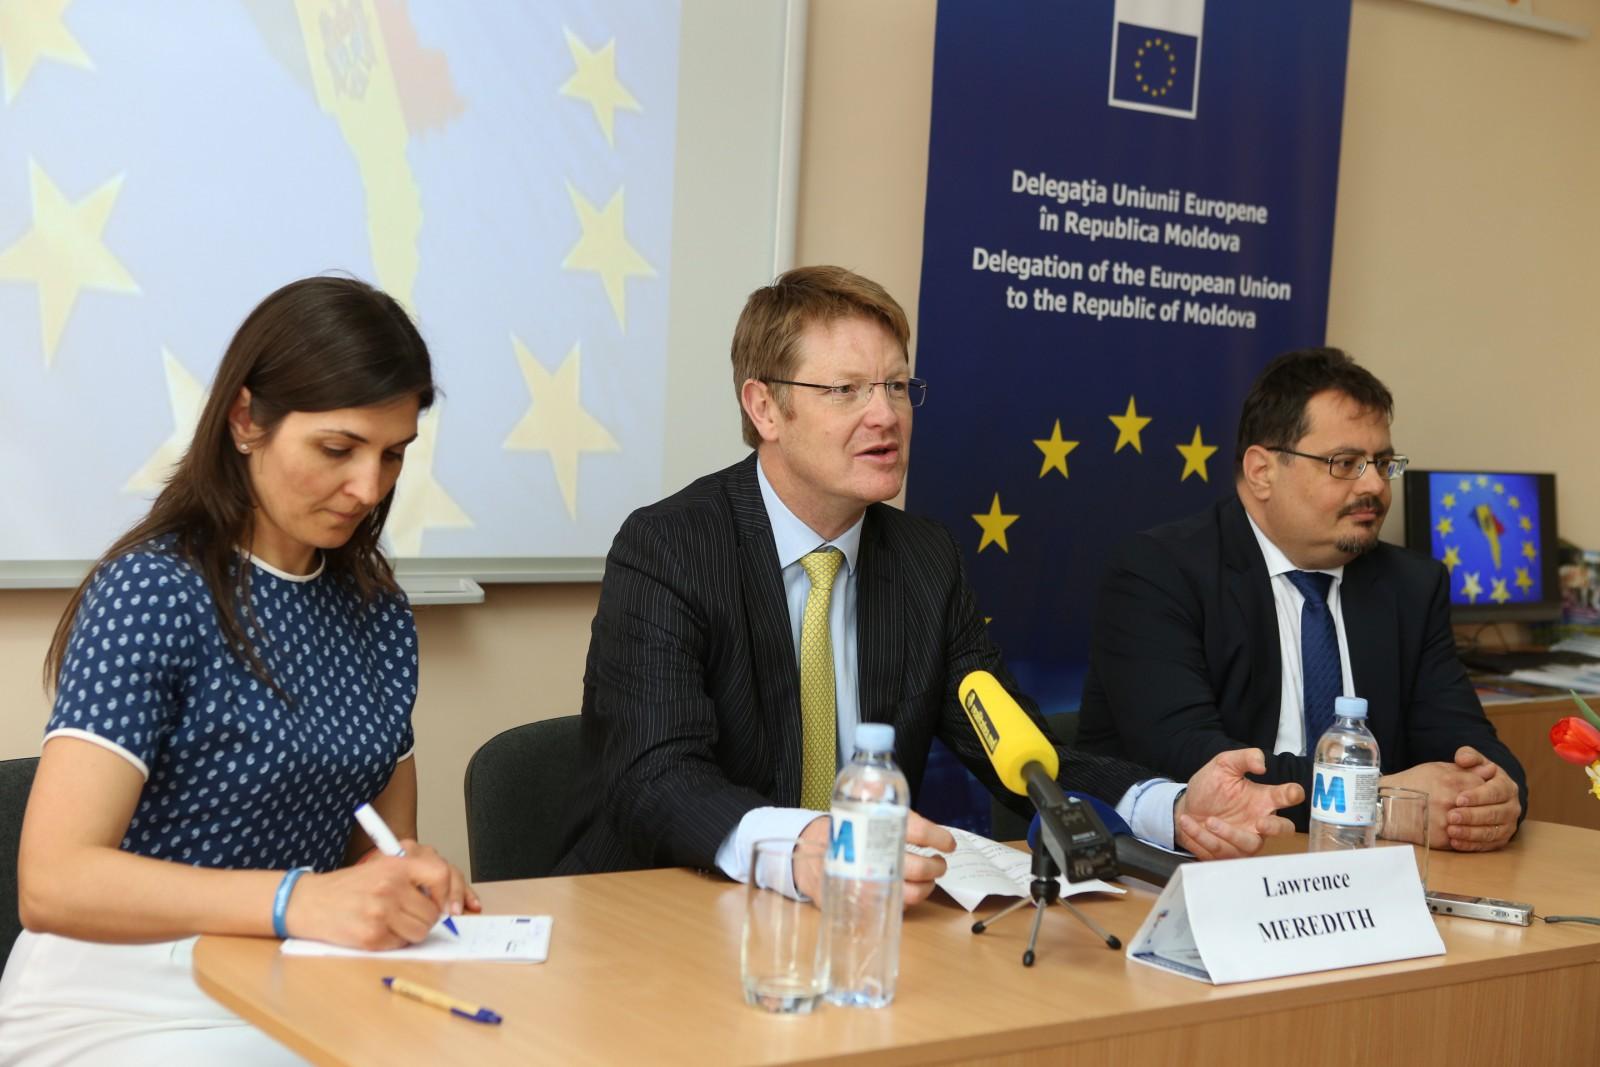 UE intenționează să-și consolideze sprijinul pentru regiunile Cahul și Ungheni